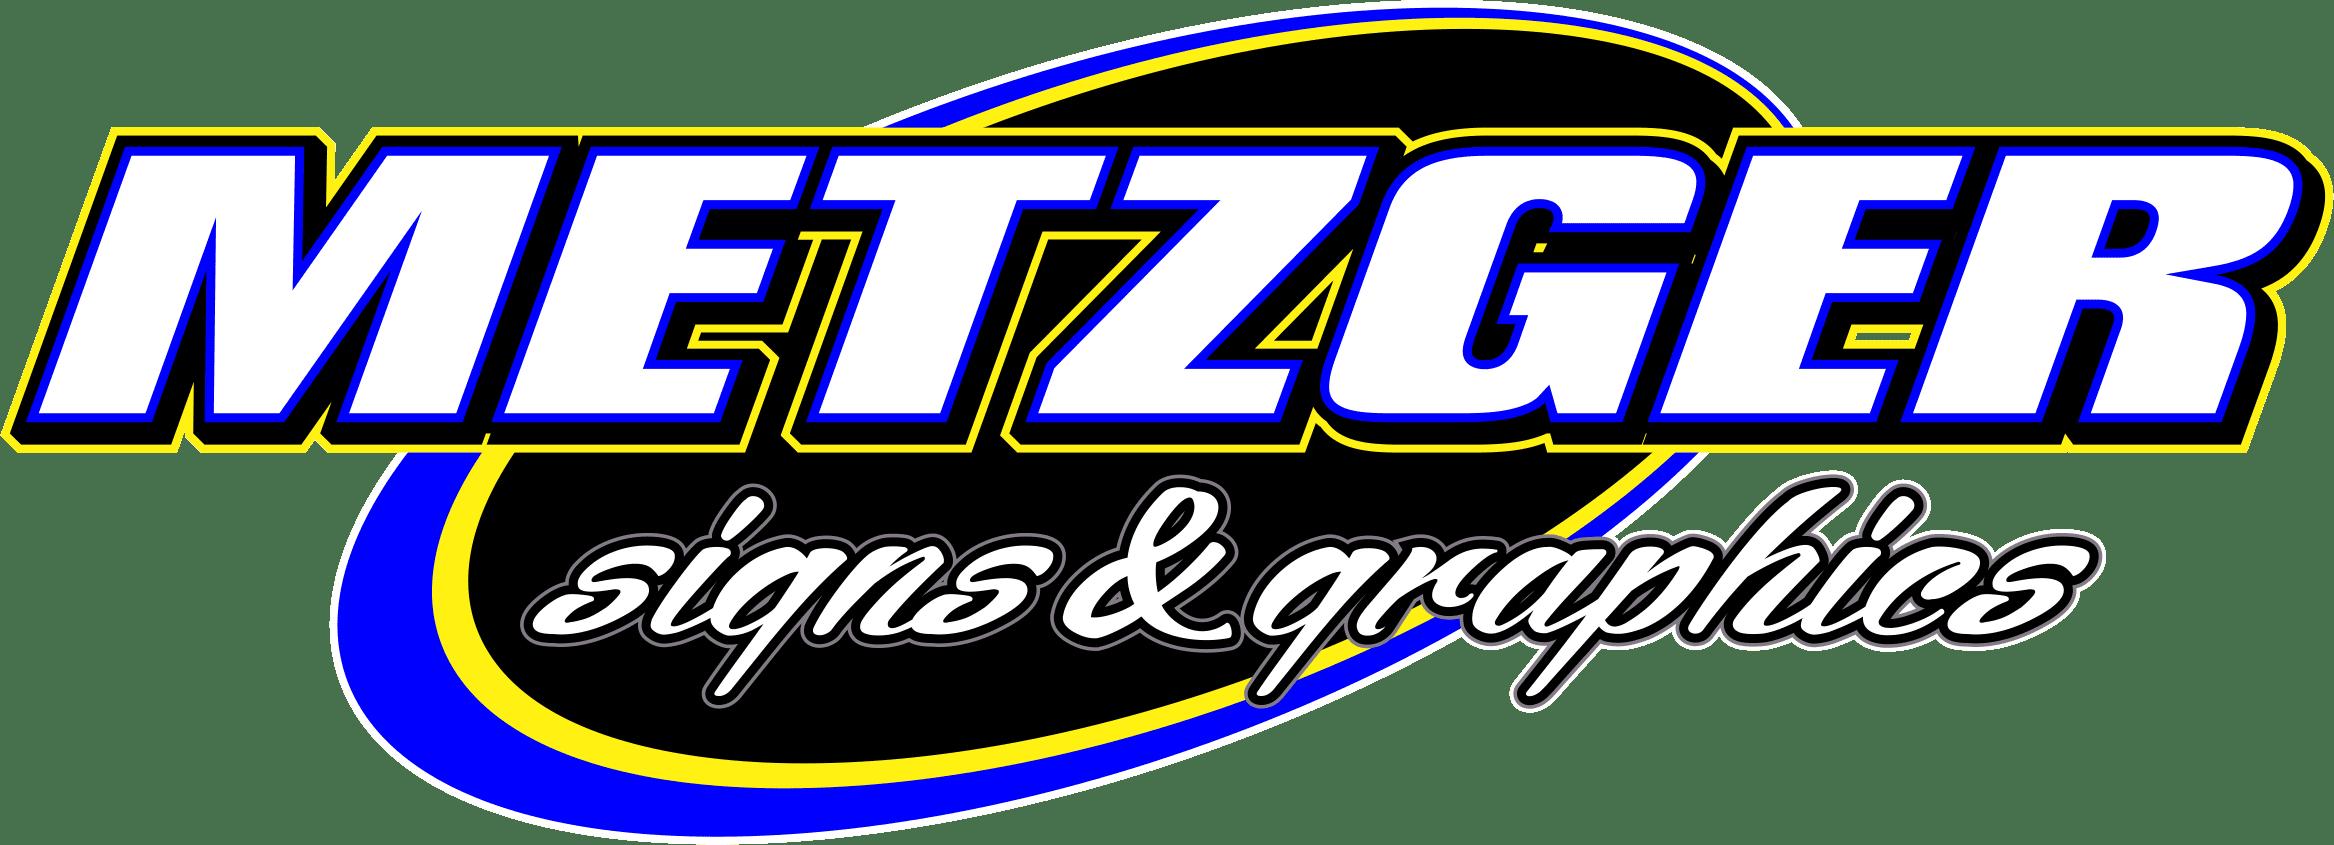 metzger logo (1)